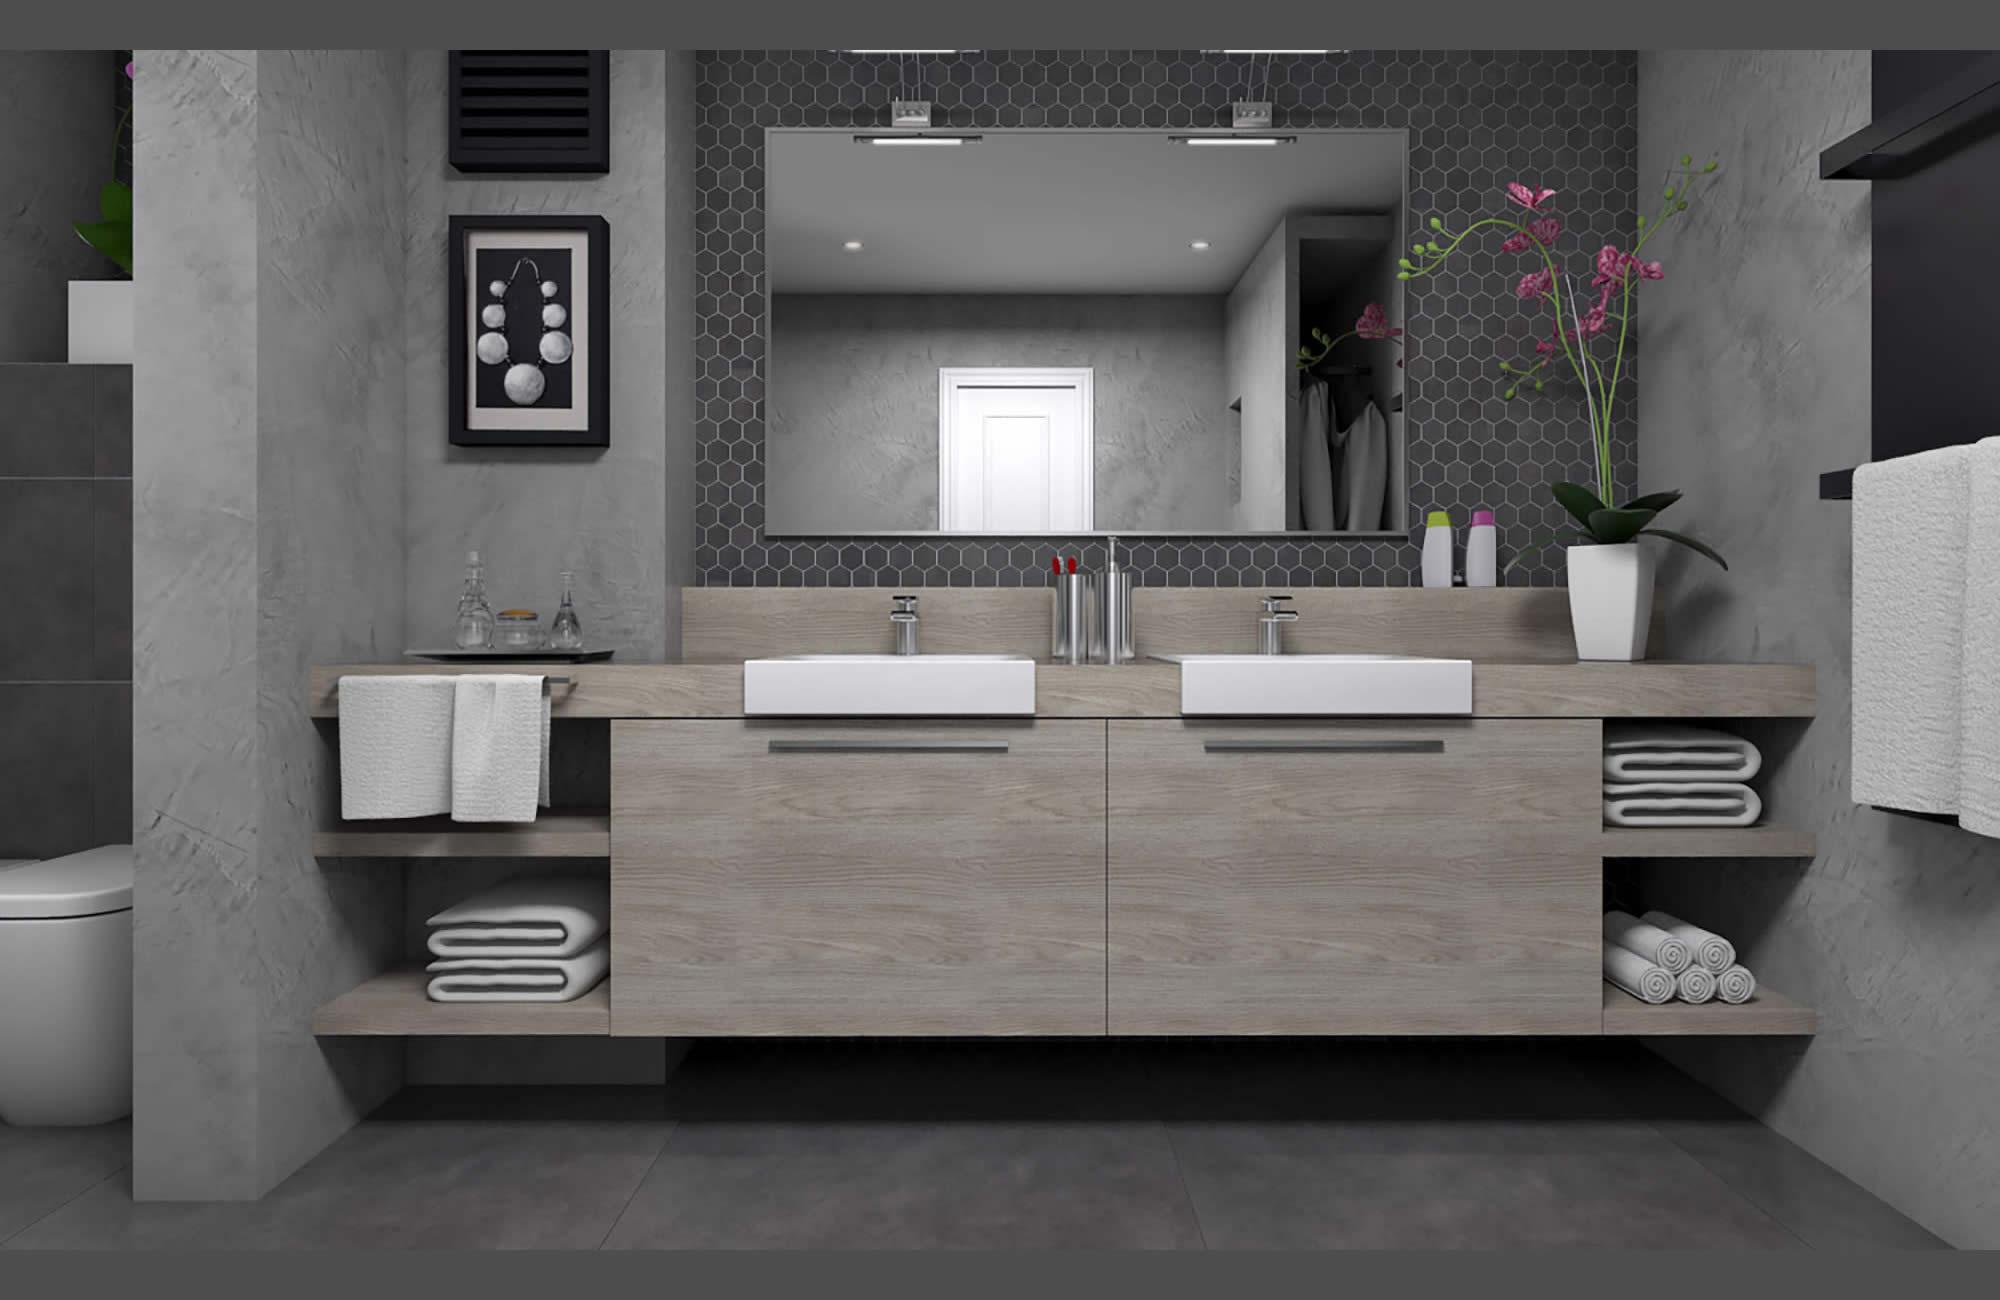 16-firenze_casa-privata-bagno-scena-1_2